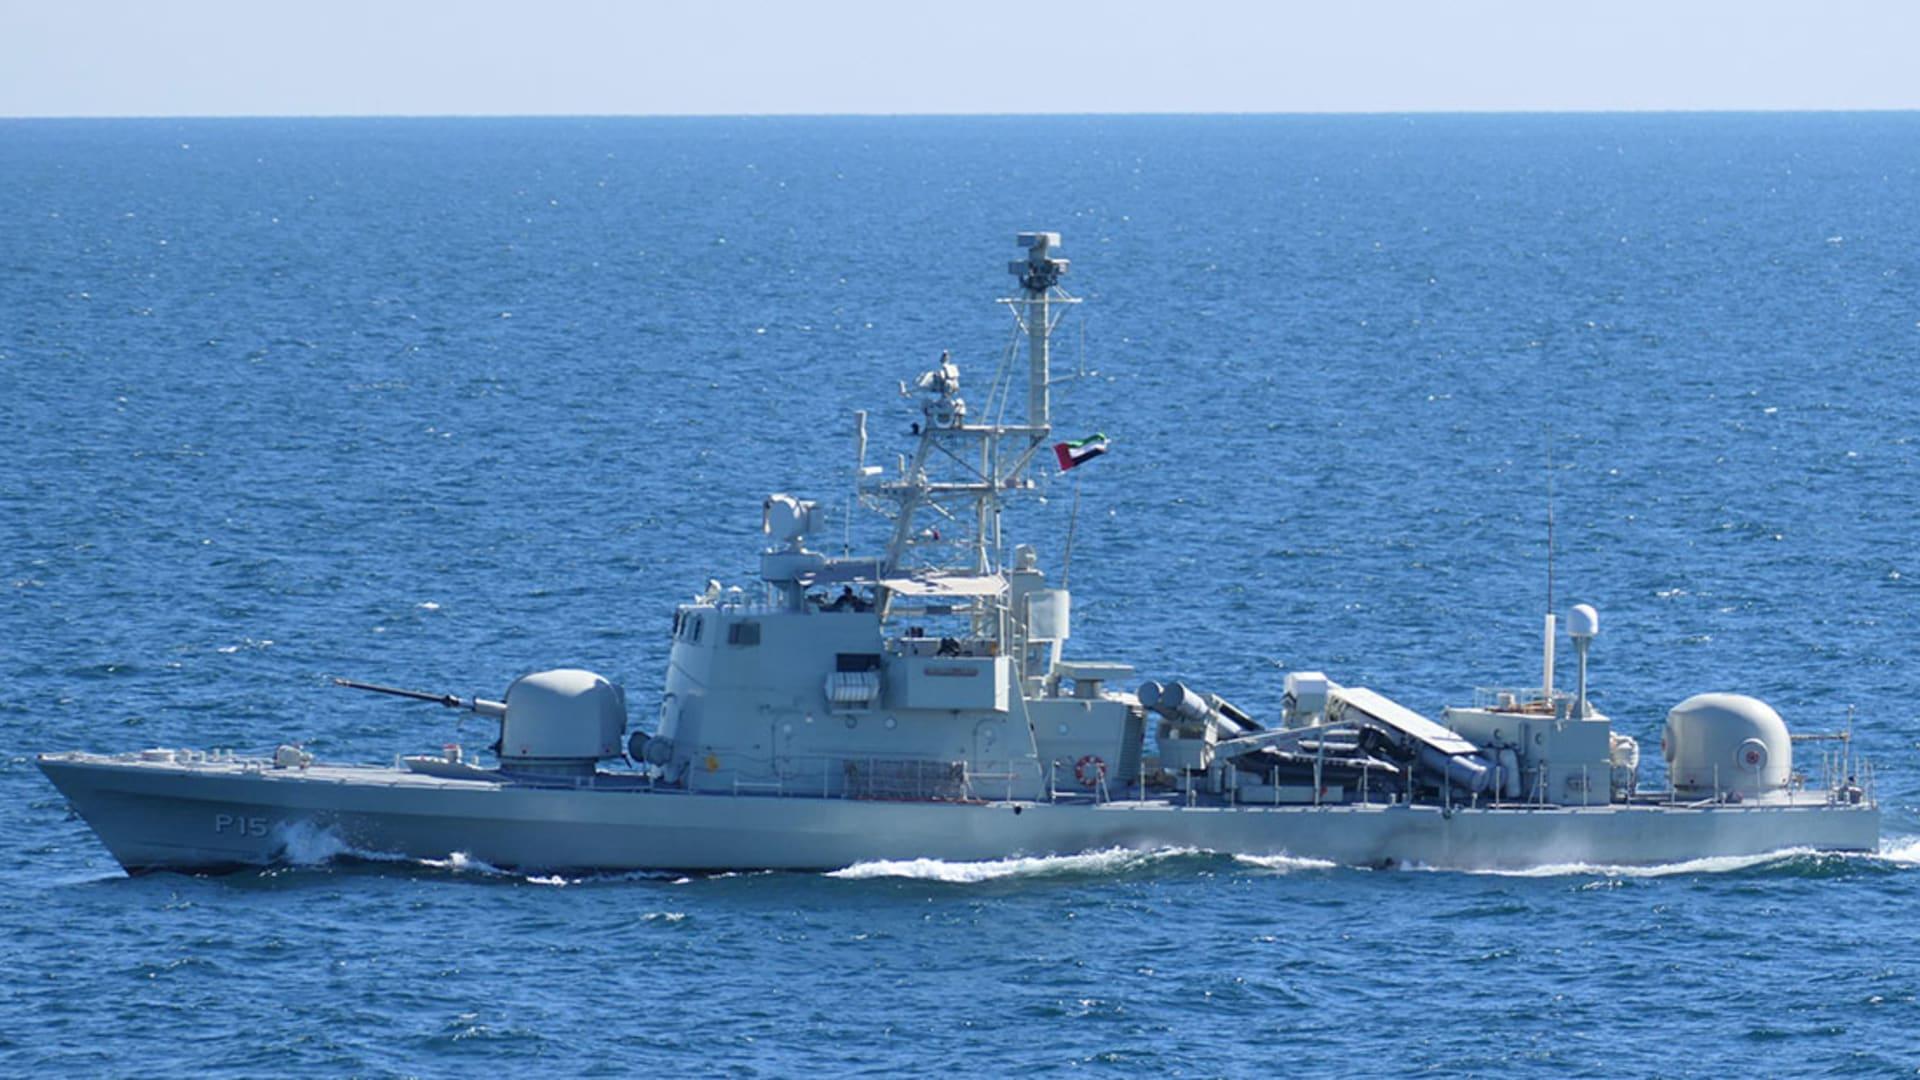 الجيش الأمريكي ينشر صور تدريب بحري مشترك مع قارب دوريات إماراتي